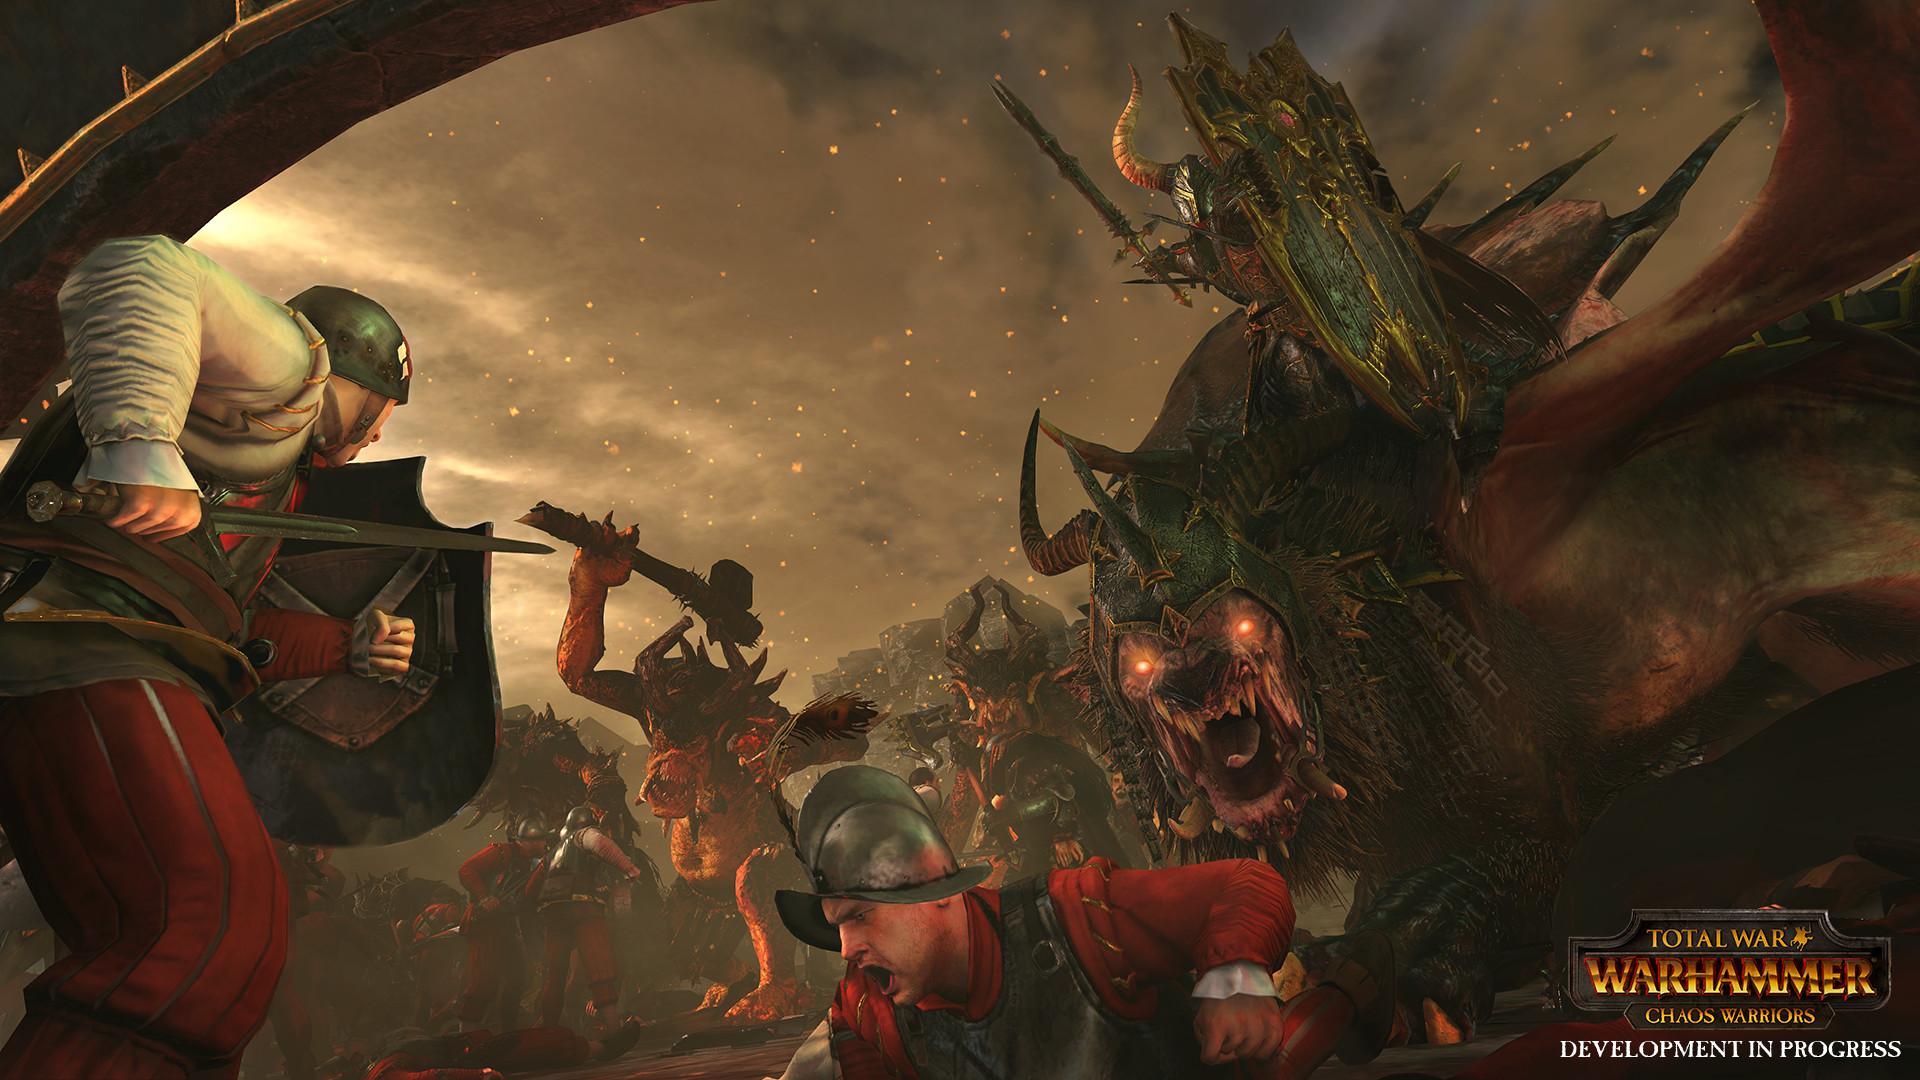 [Jeu vidéo] Total War Warhammer - Page 5 Ss_692a9490092f70d651a17795d6333e049b3ebcef.1920x1080